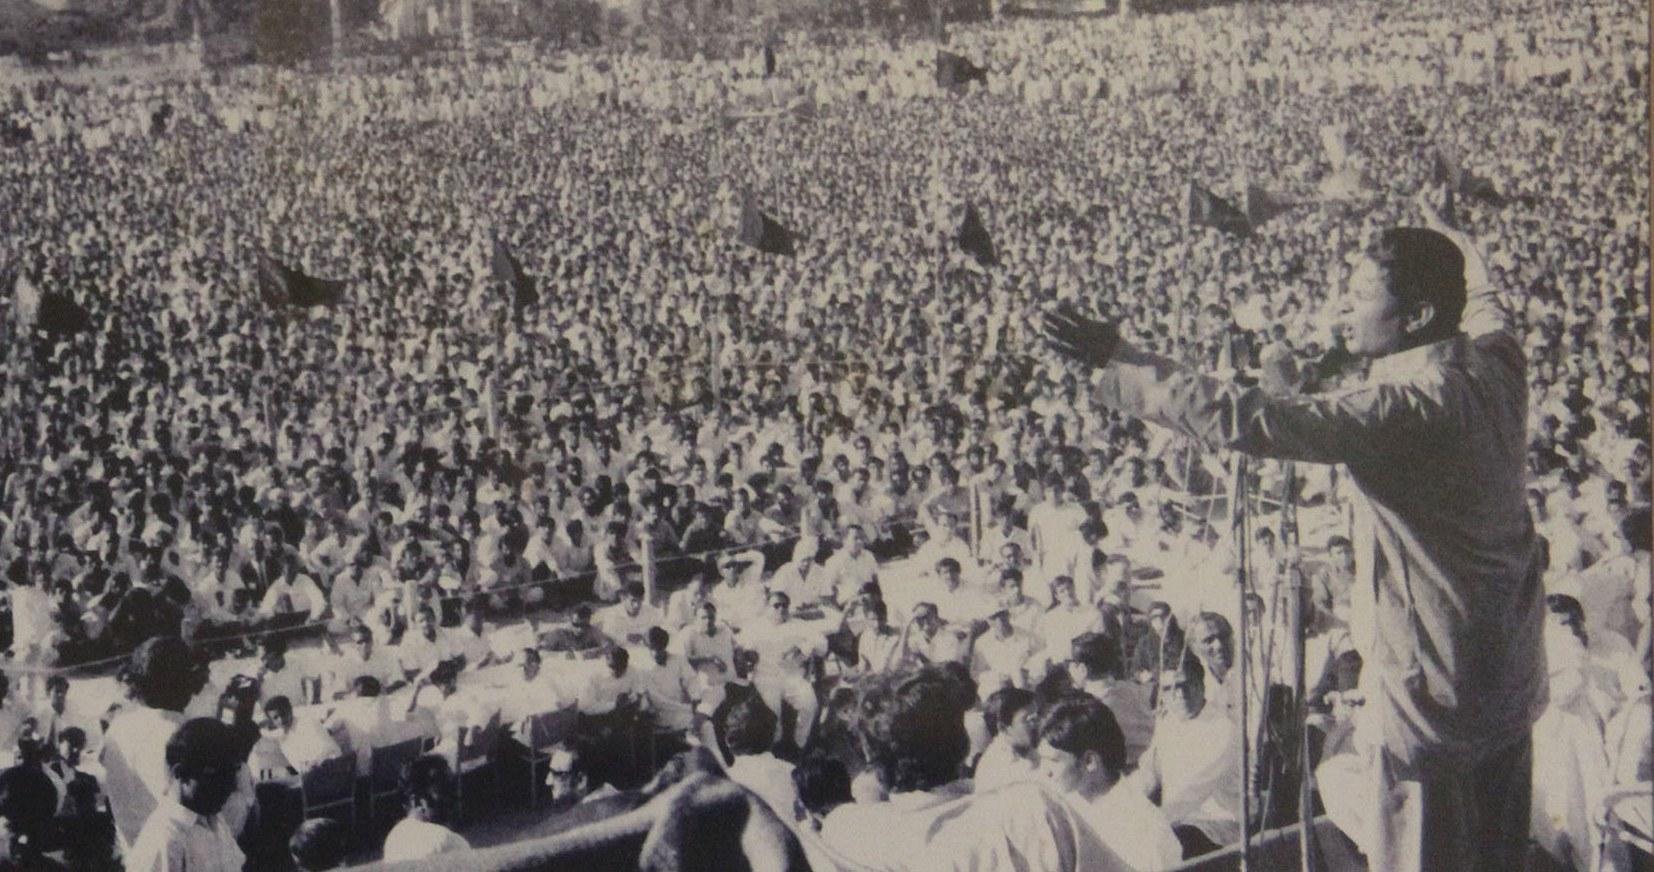 1968-69ء کے پچاس سال: وہ ادھورا انقلاب مکمل کرنا ہو گا!